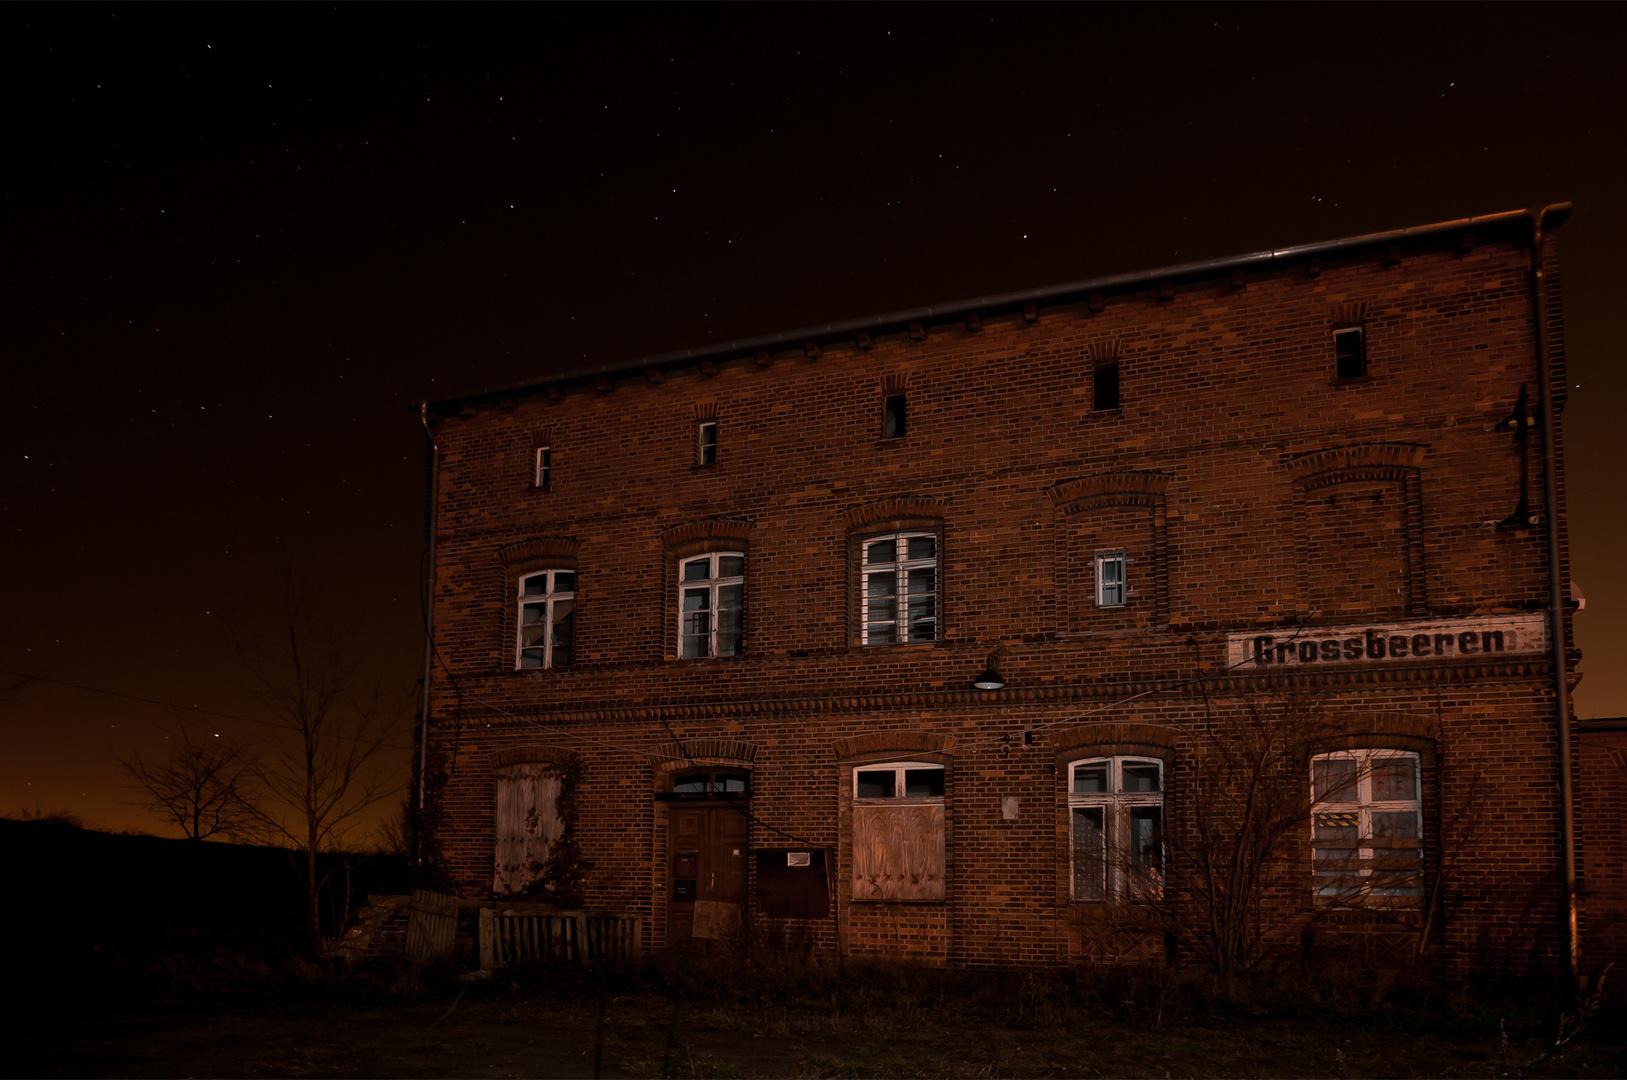 Altes Bahnhofsgebäude bei Nacht